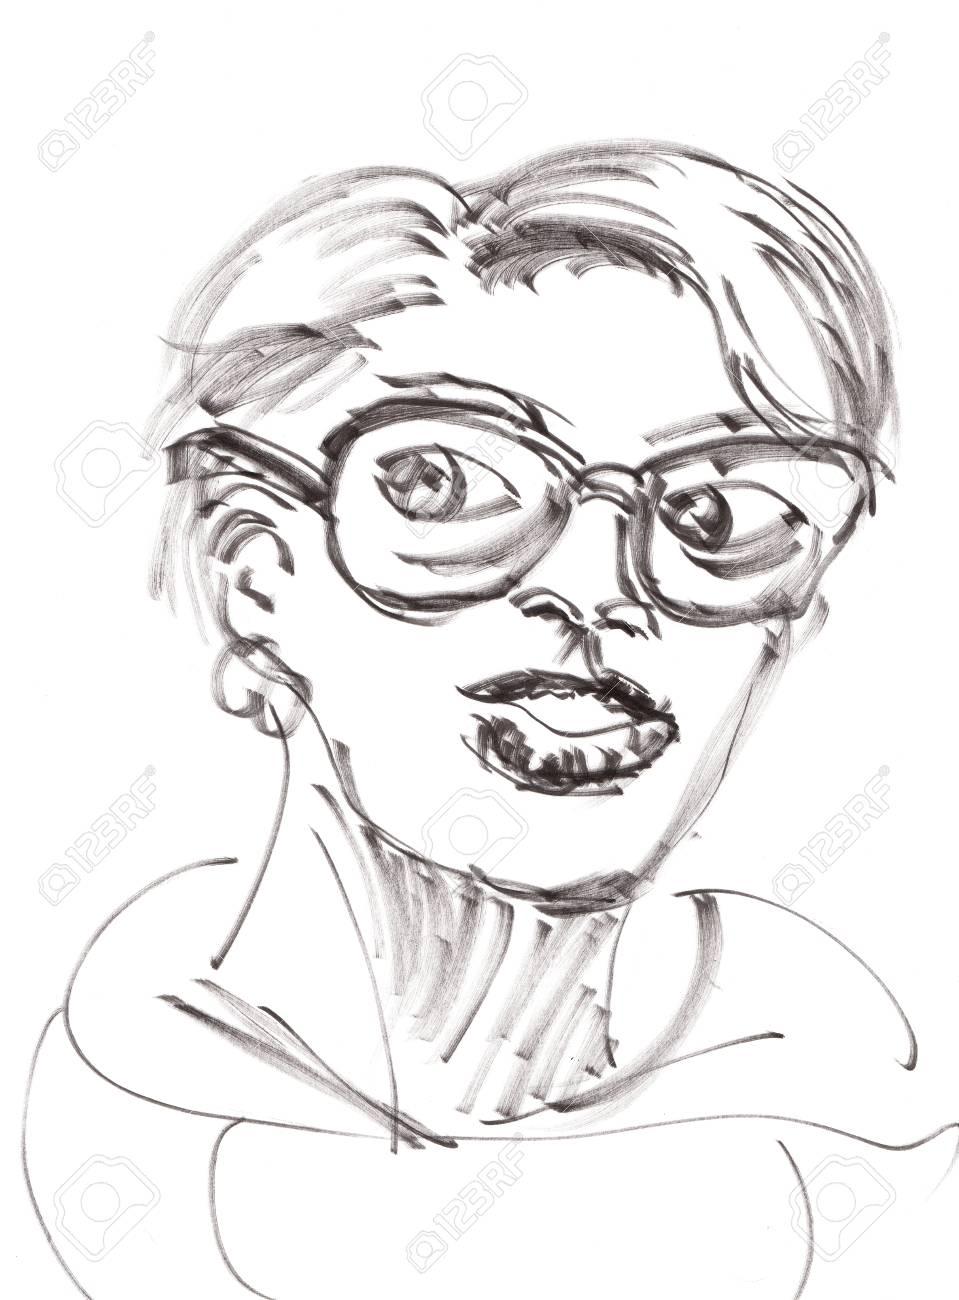 Hand Zeichnen Madchen Auf Papier Lizenzfreie Fotos Bilder Und Stock